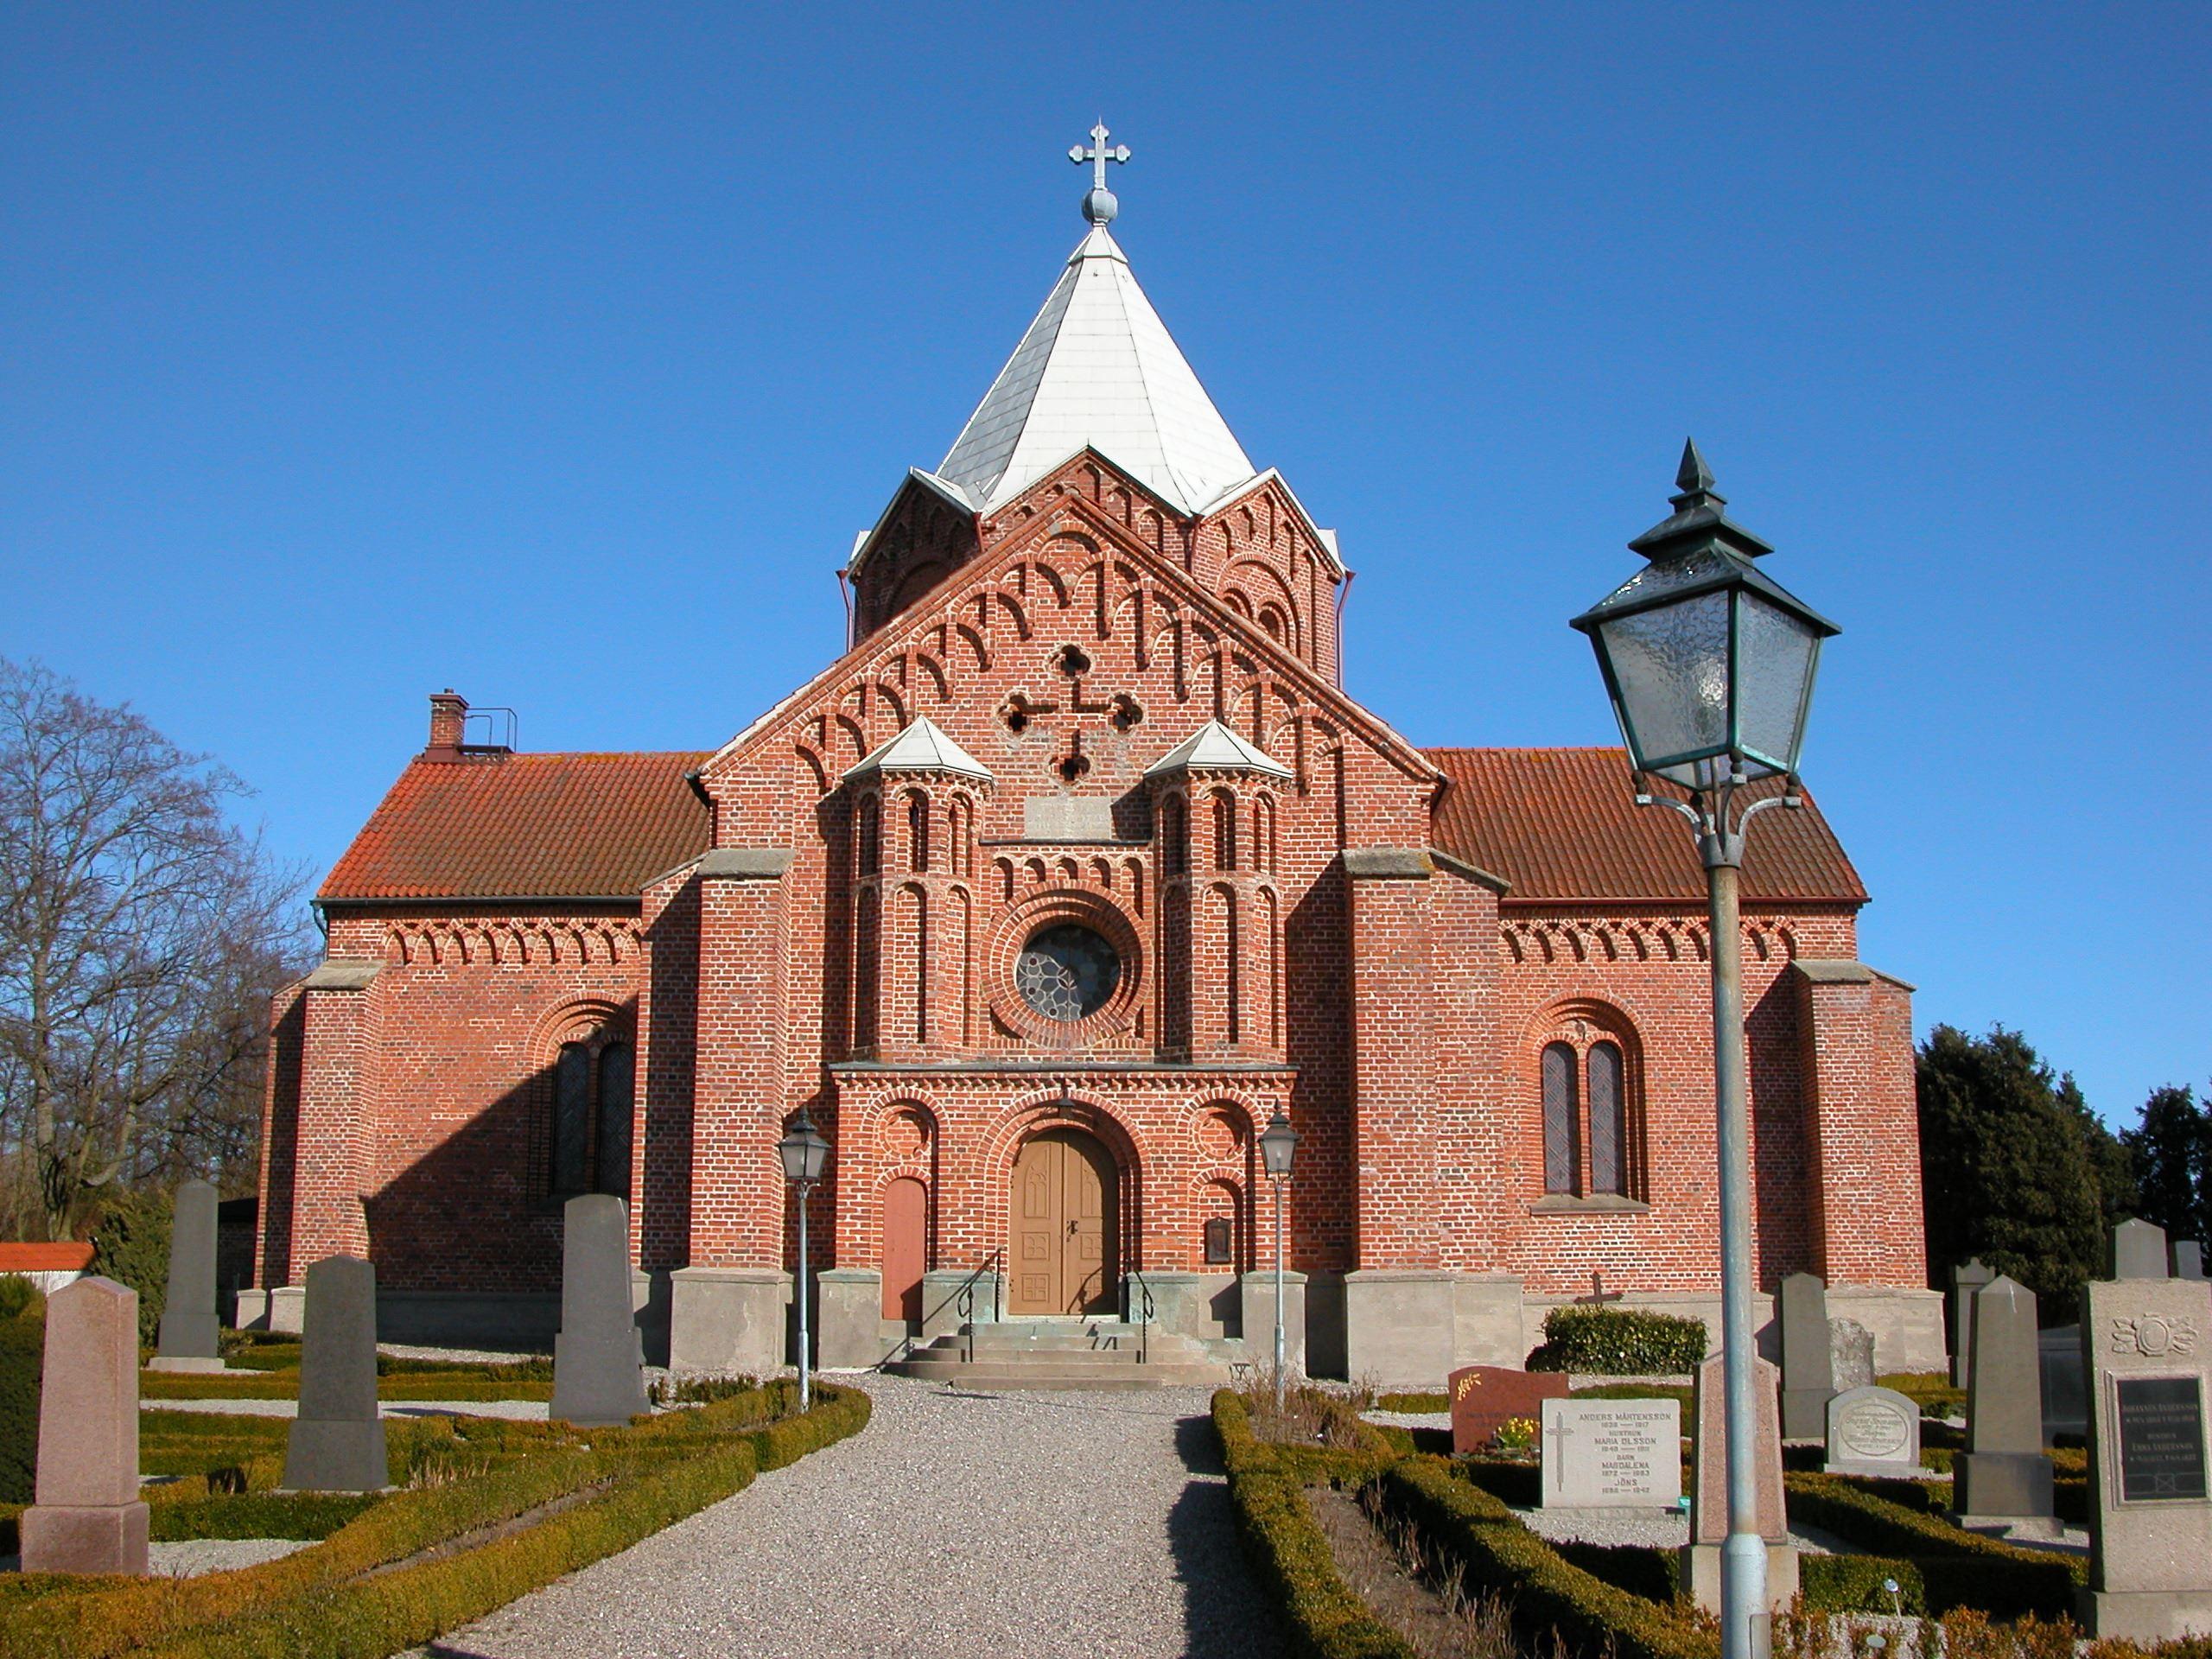 Ingrid Wall & Susanne Nilsson, Tullstorps kyrka uppfördes under 1840-talet i röd handslagen tegel